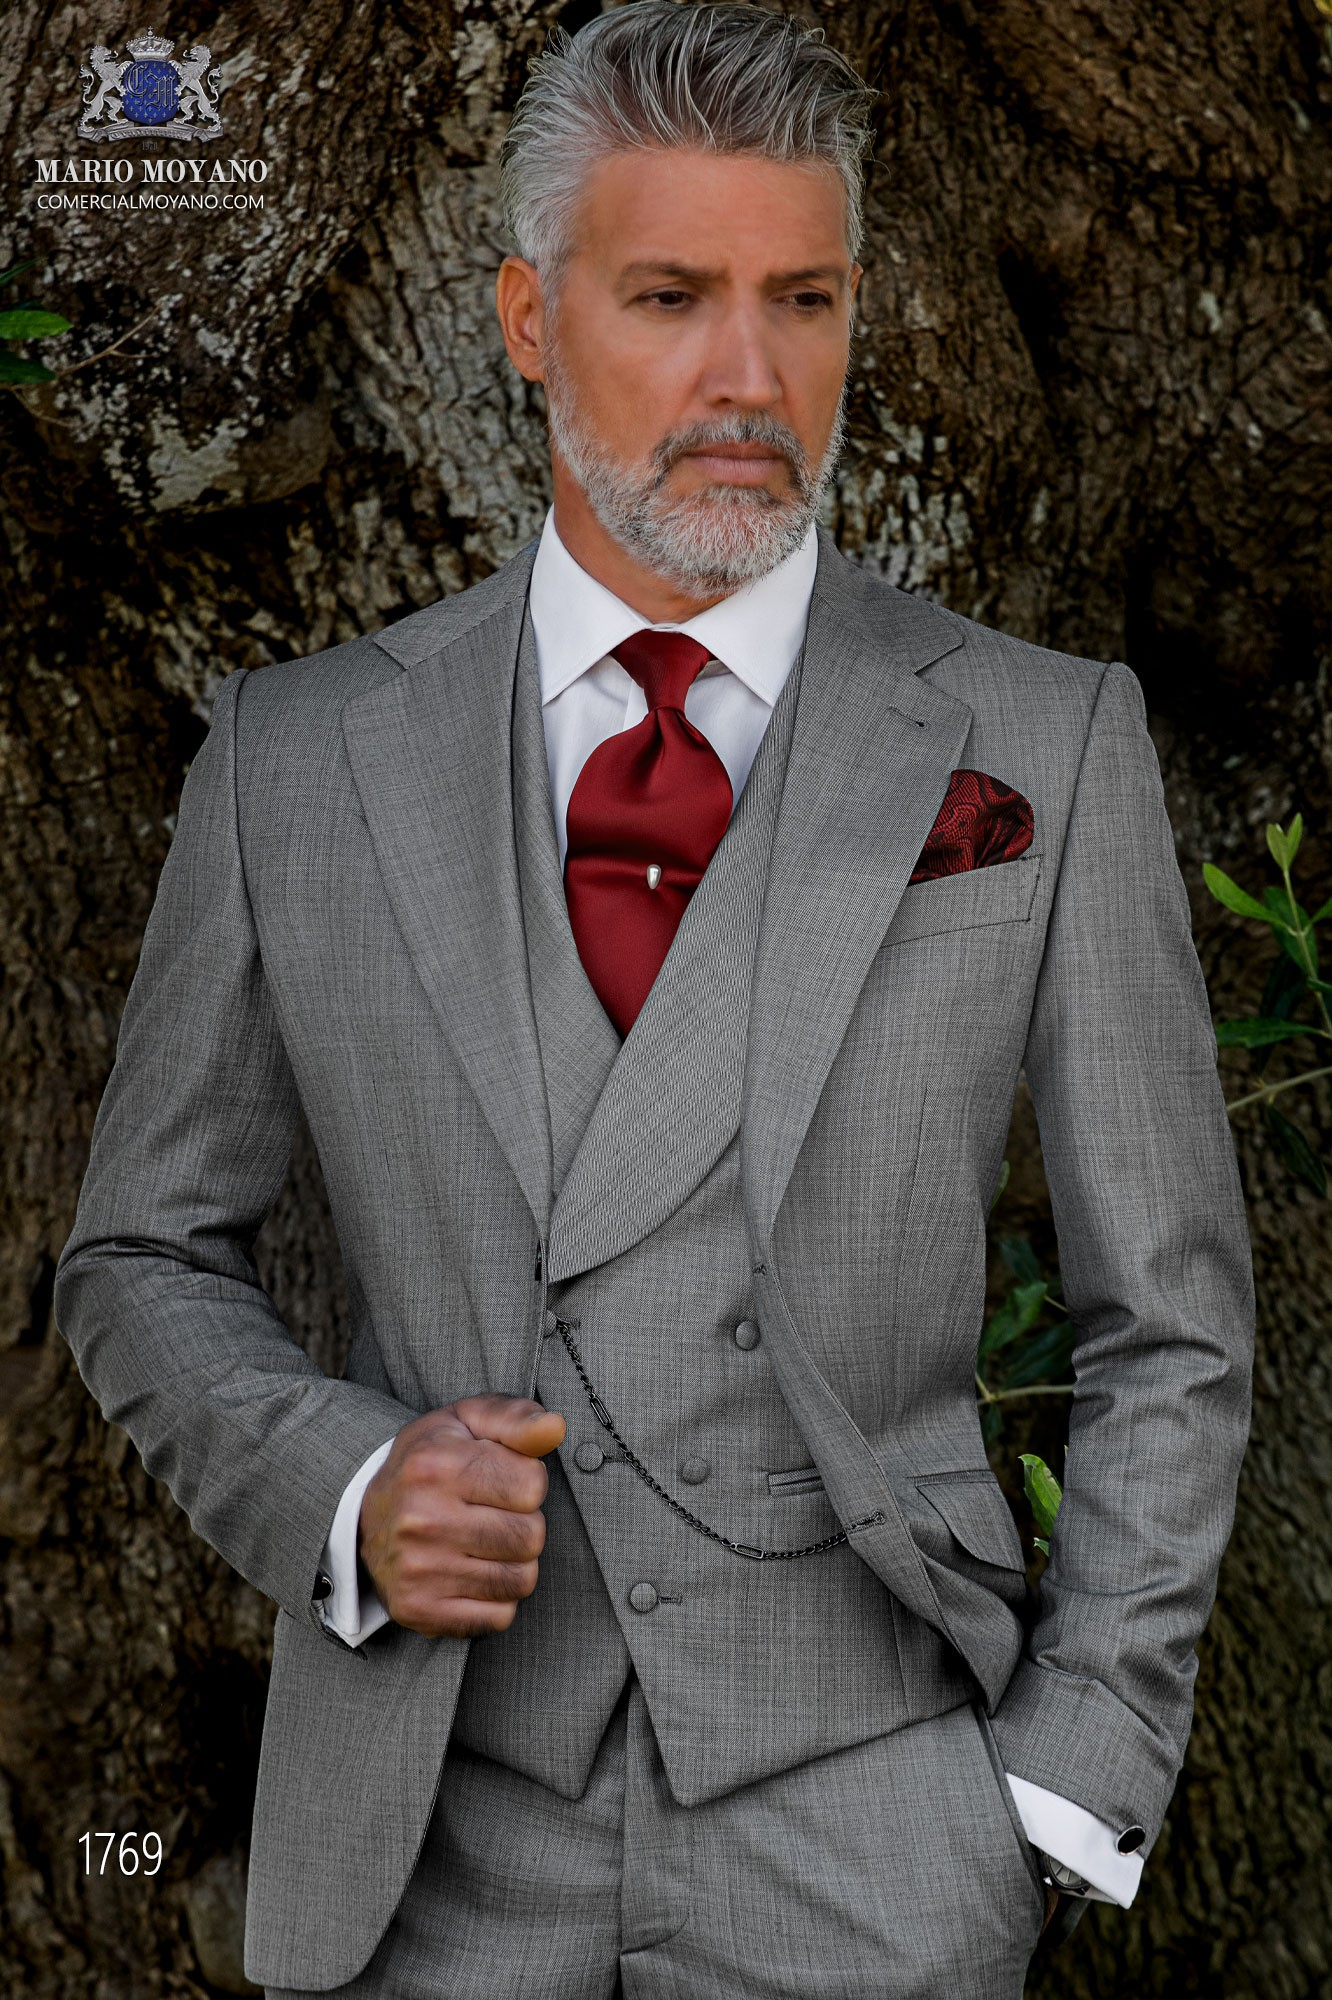 Traje italiano a medida gris claro fil a fil mixto lana modelo: 1769 Ottavio Nuccio Gala colección Gentleman